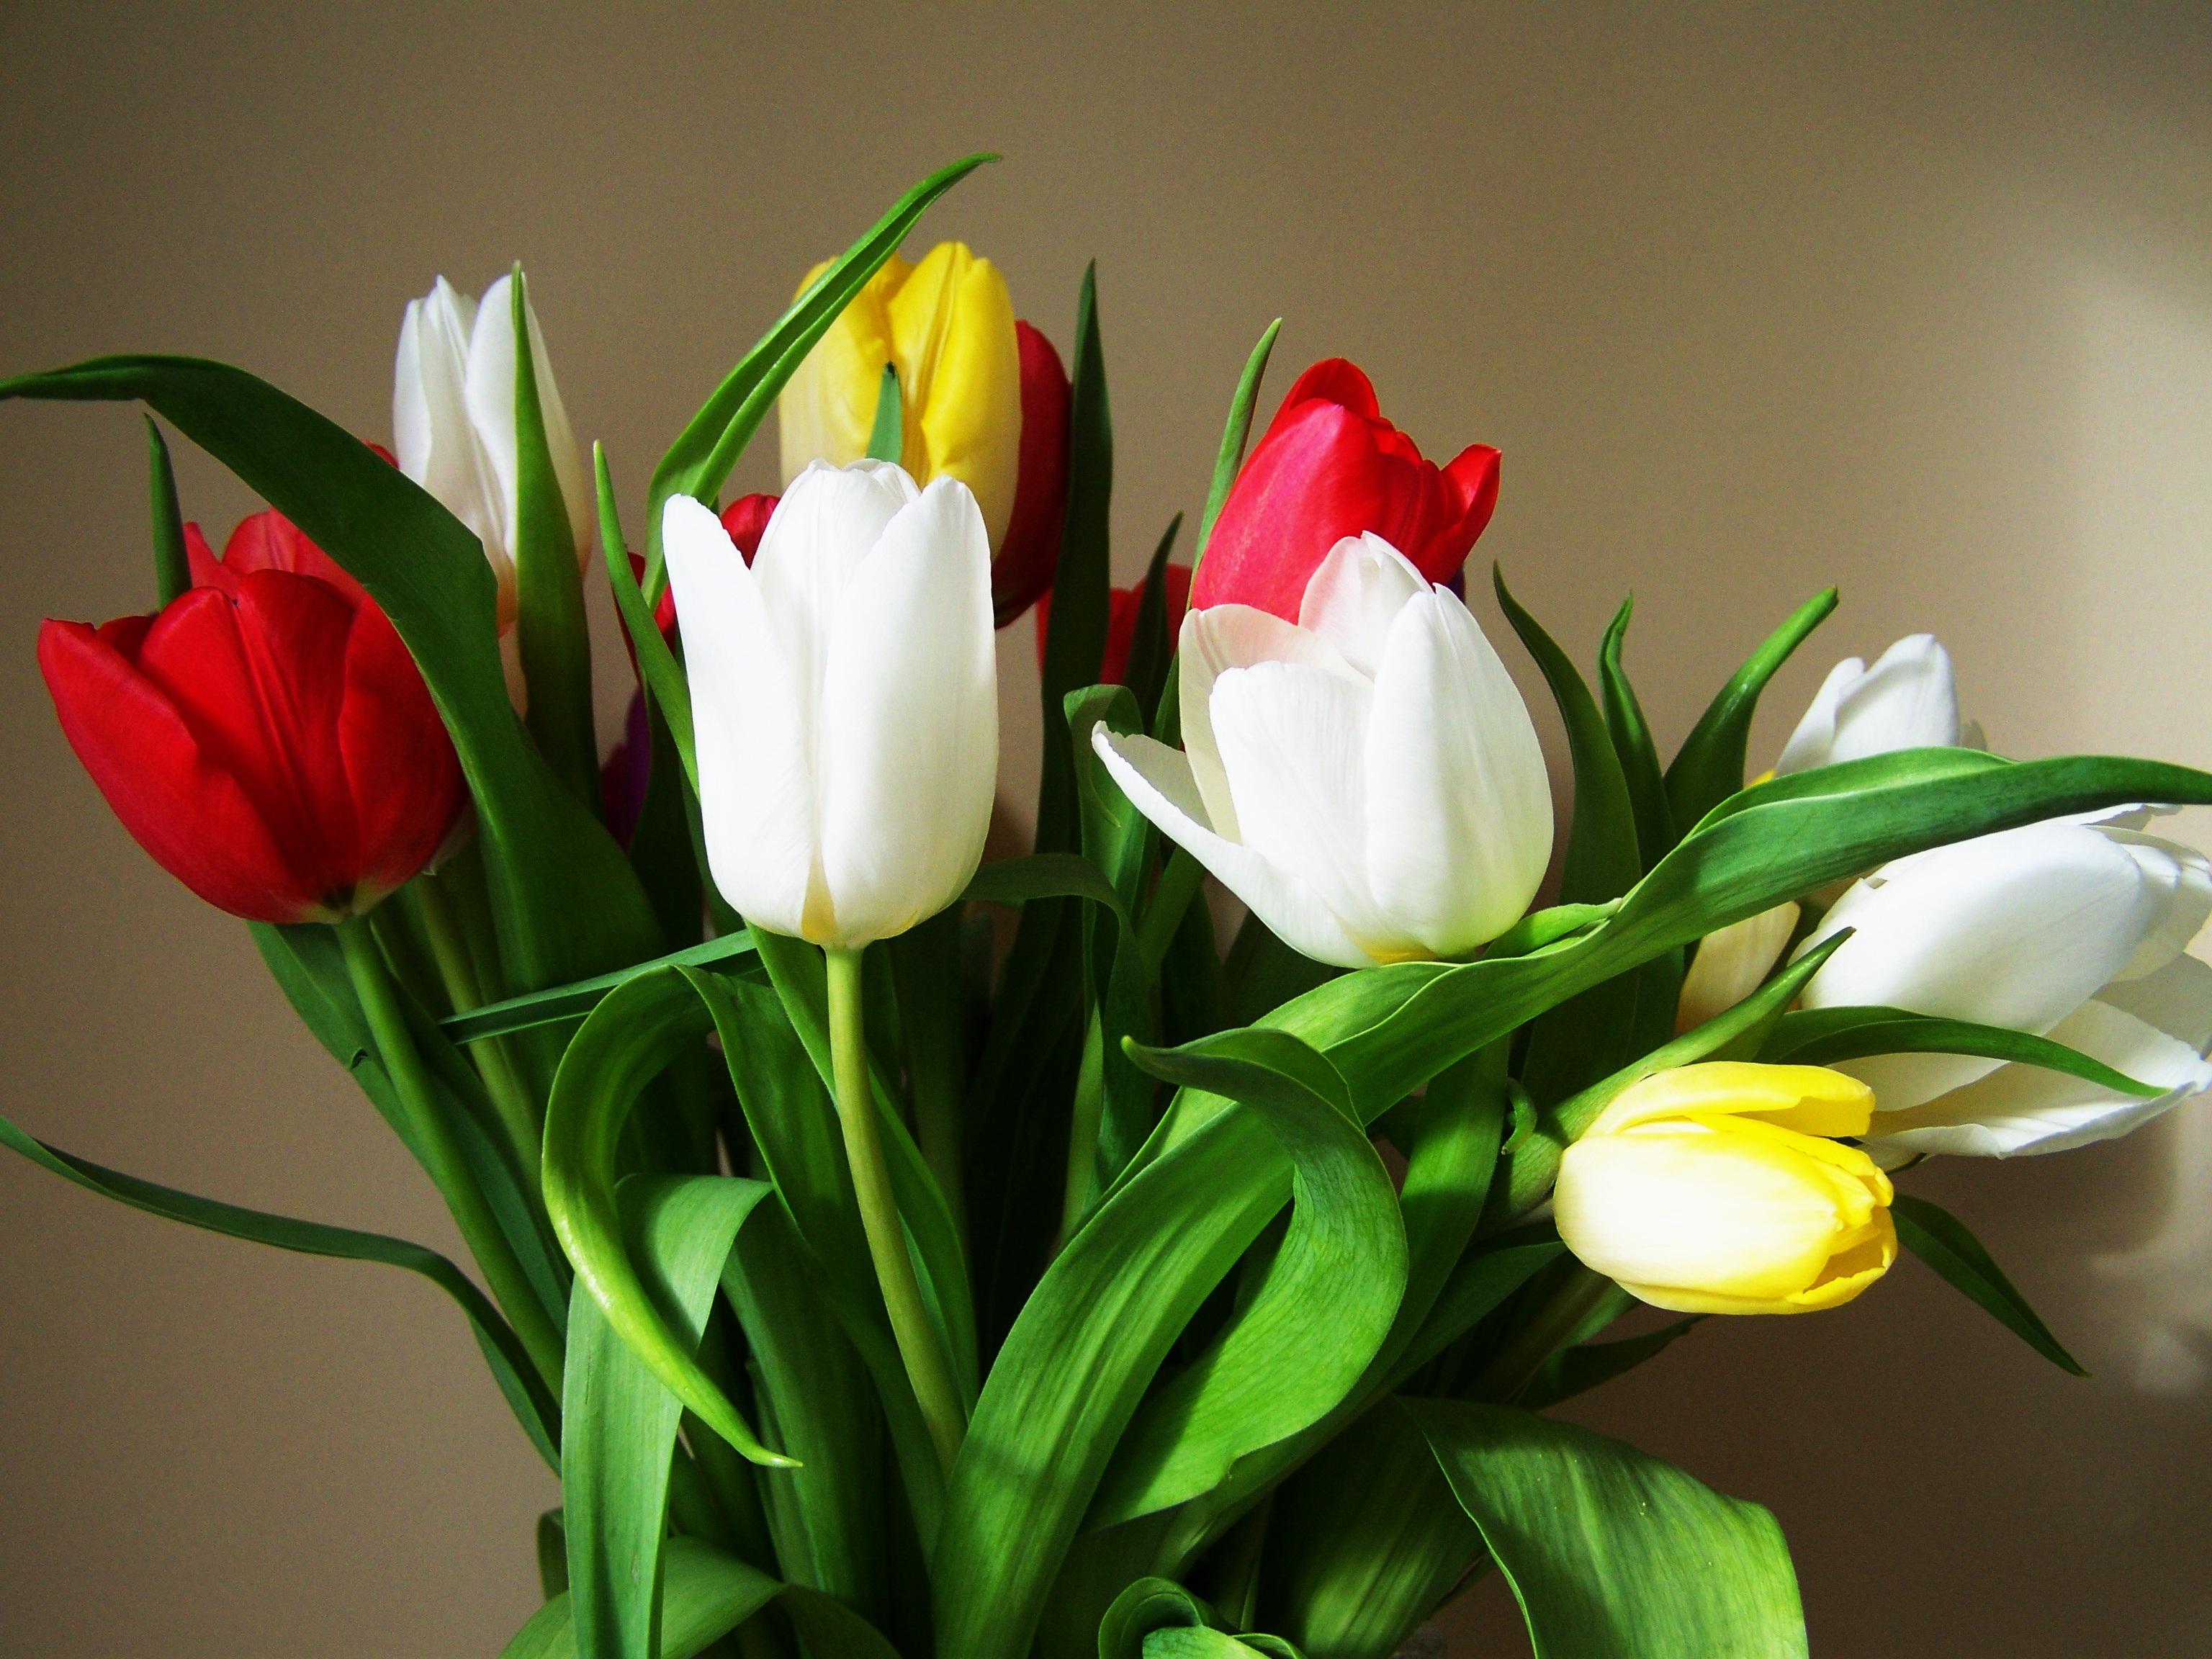 День рождения, картинки тюльпанов красивых